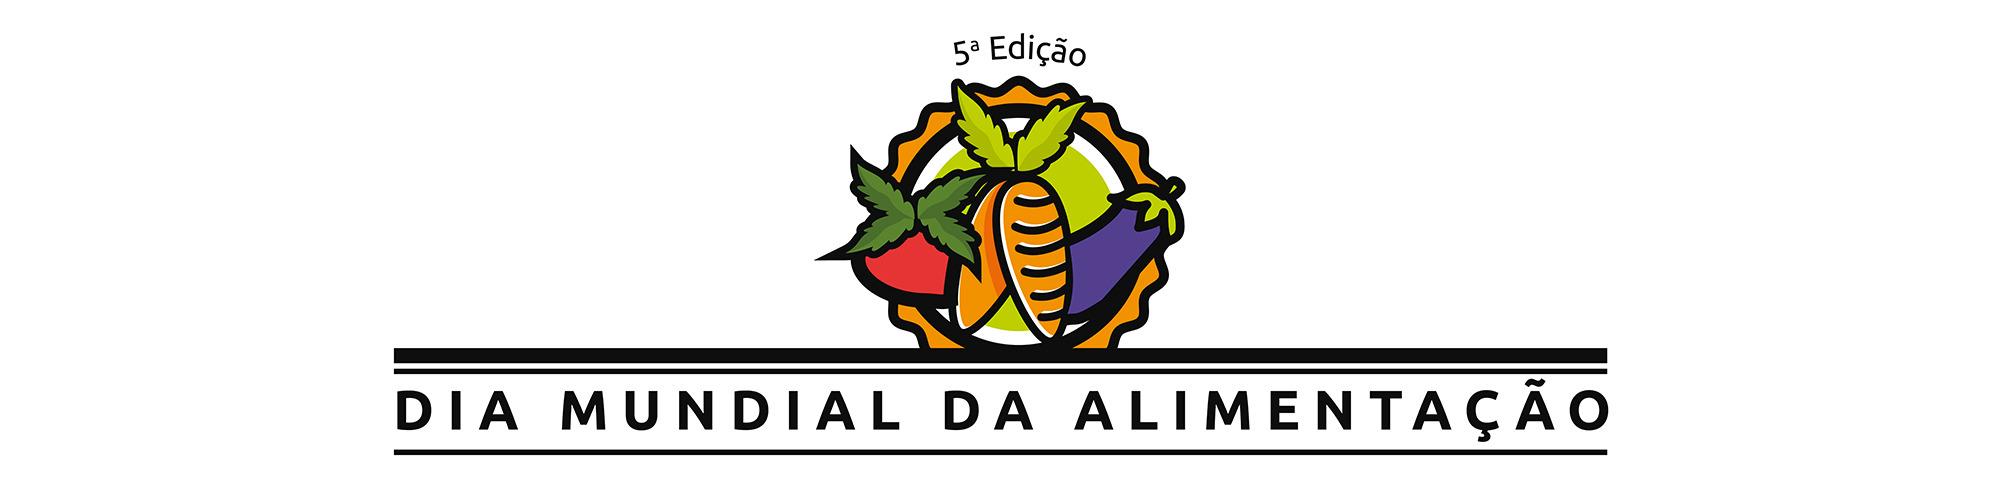 Com 5ª edição de seminário, Banco de Alimentos celebra Dia Mundial da Alimentação